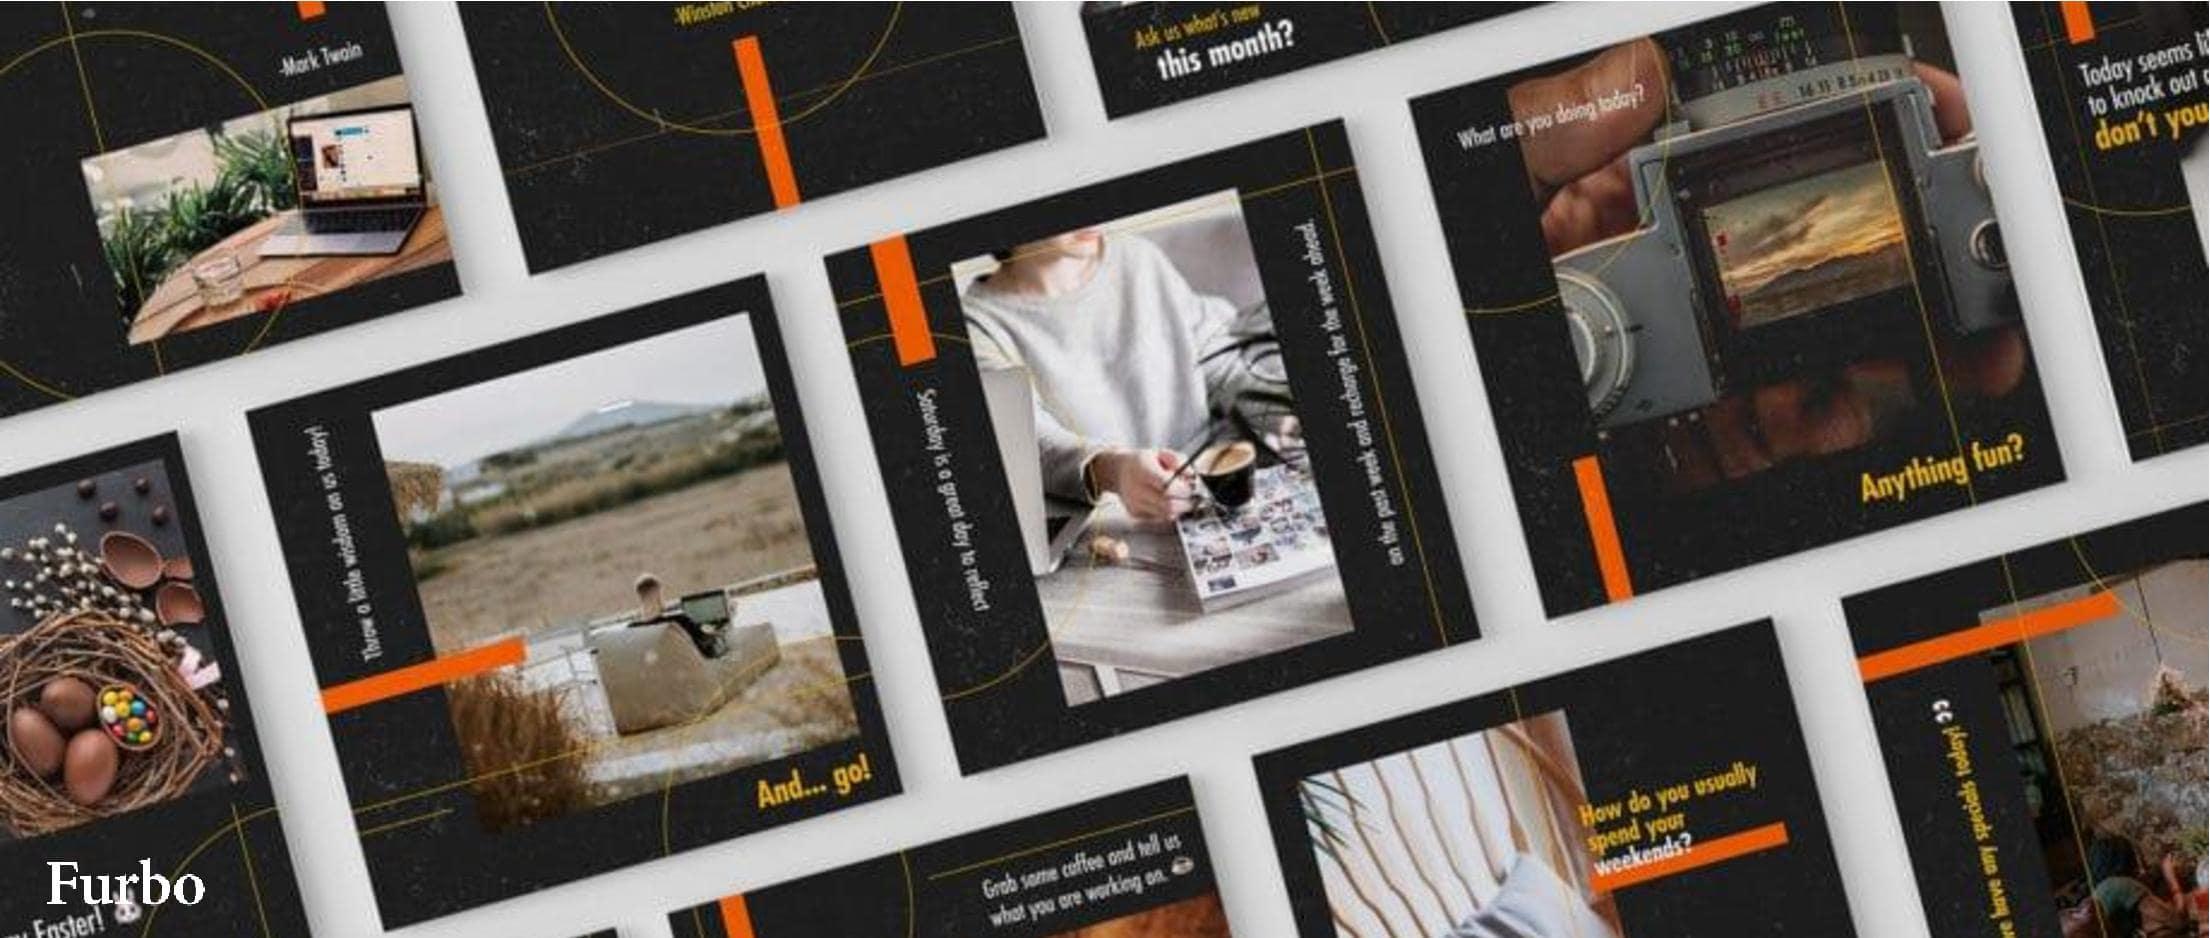 طراحی محتوا در بازاریابی اینستاگرام